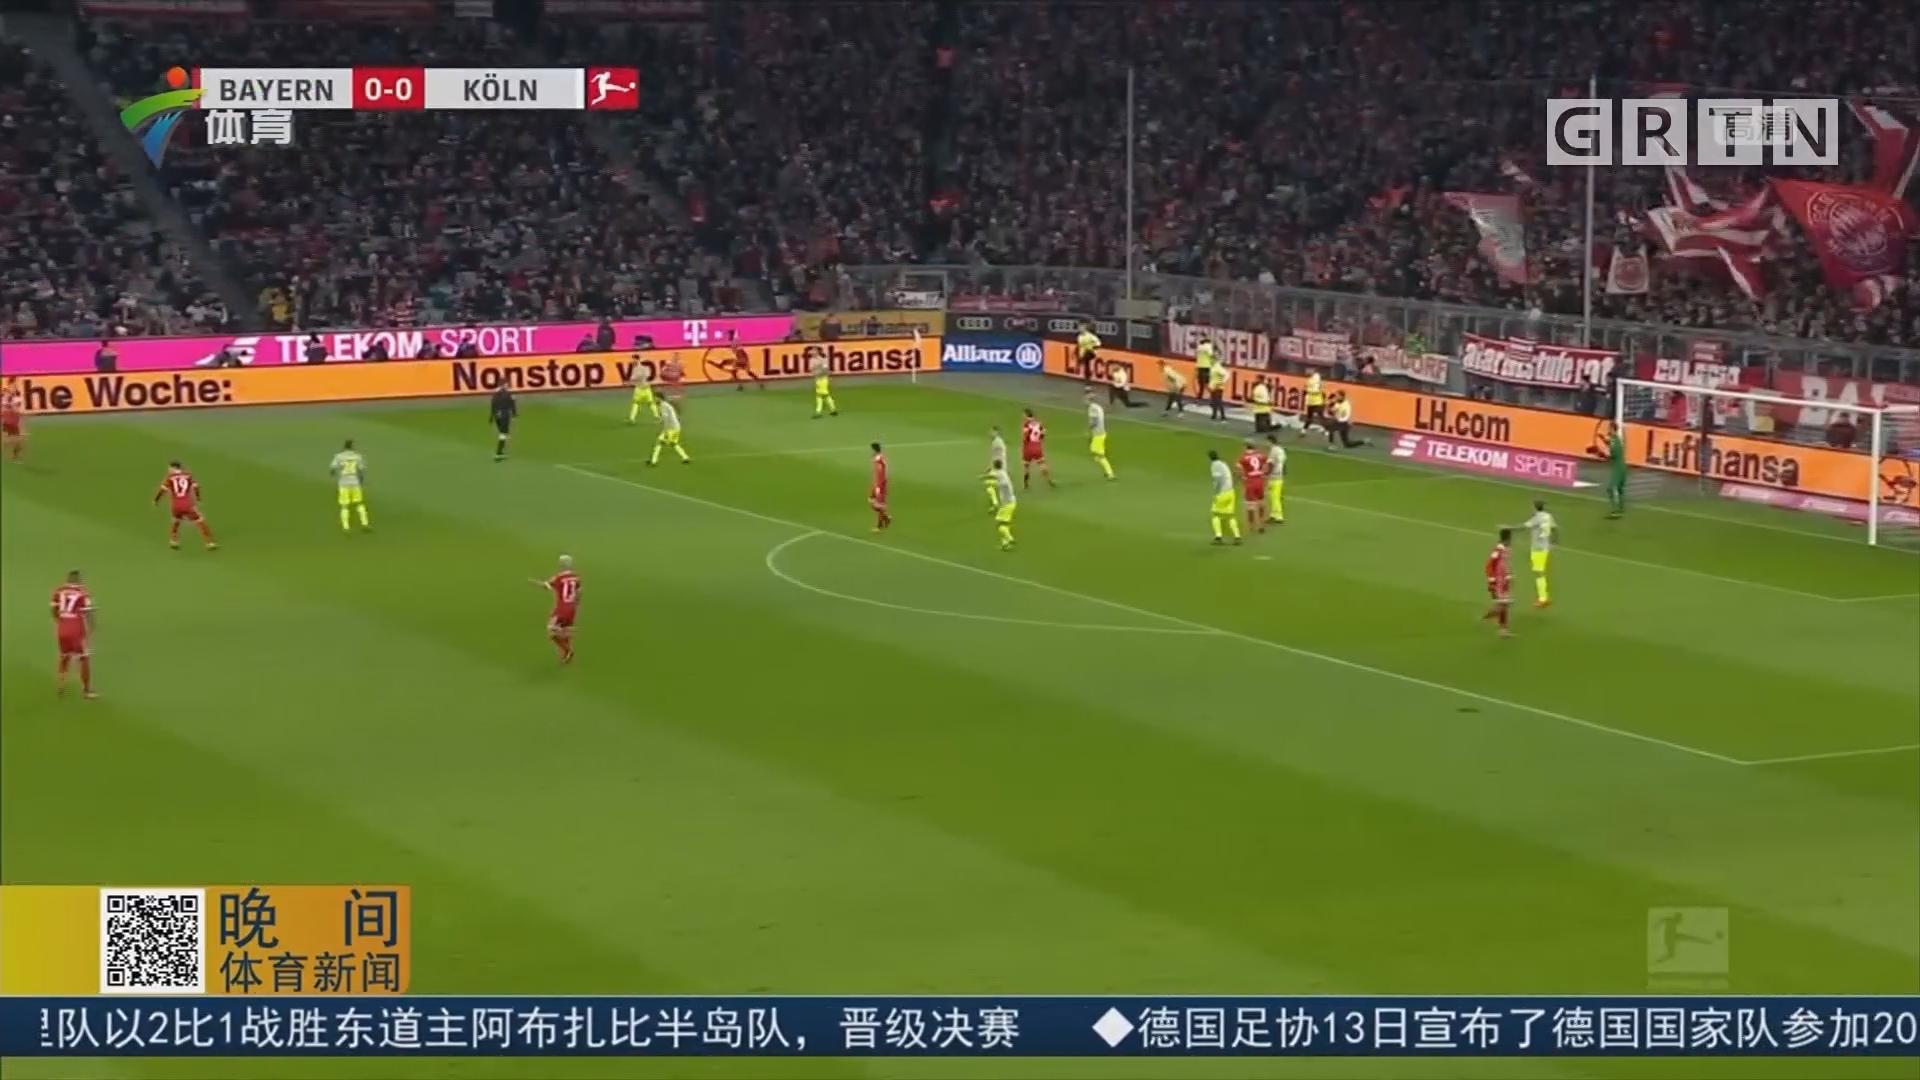 拜仁慕尼黑主场小胜科隆